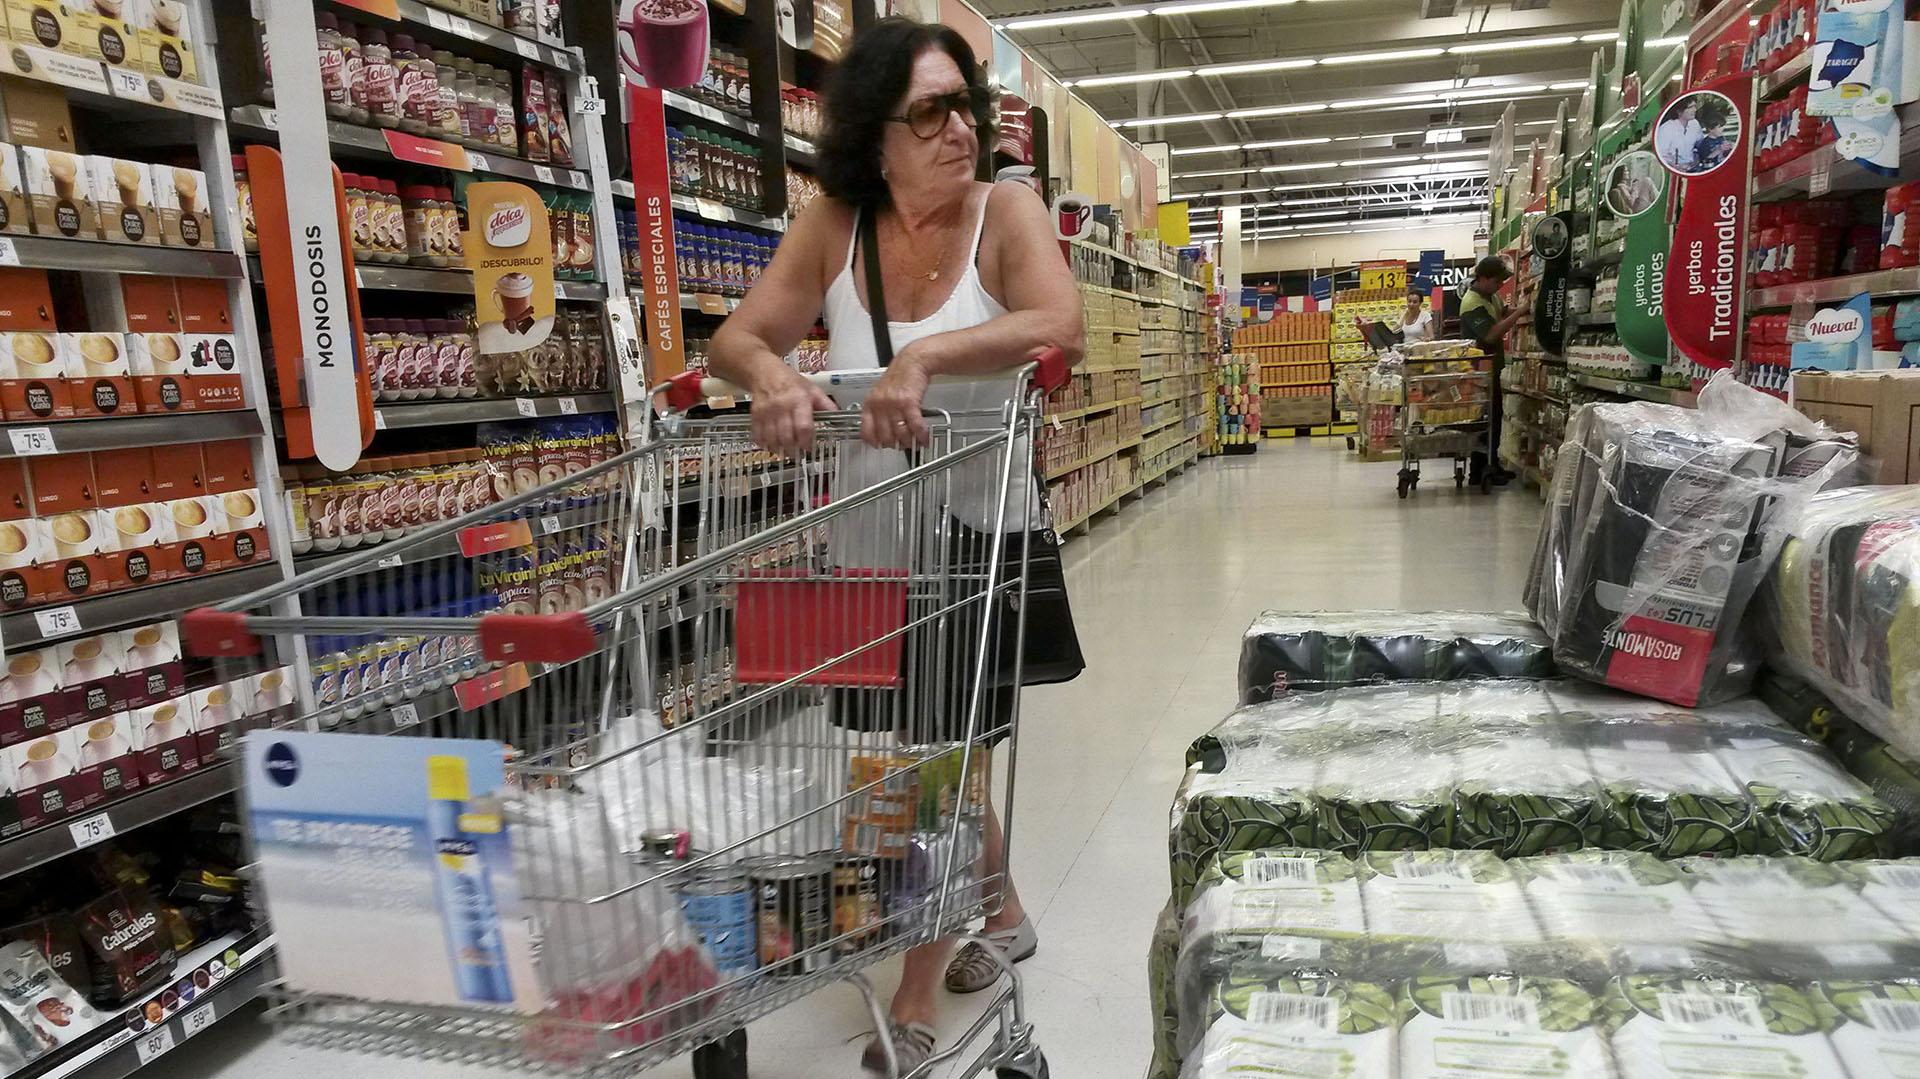 Paquetes de yerba apilados en las góndolas de un supermercado (NA)